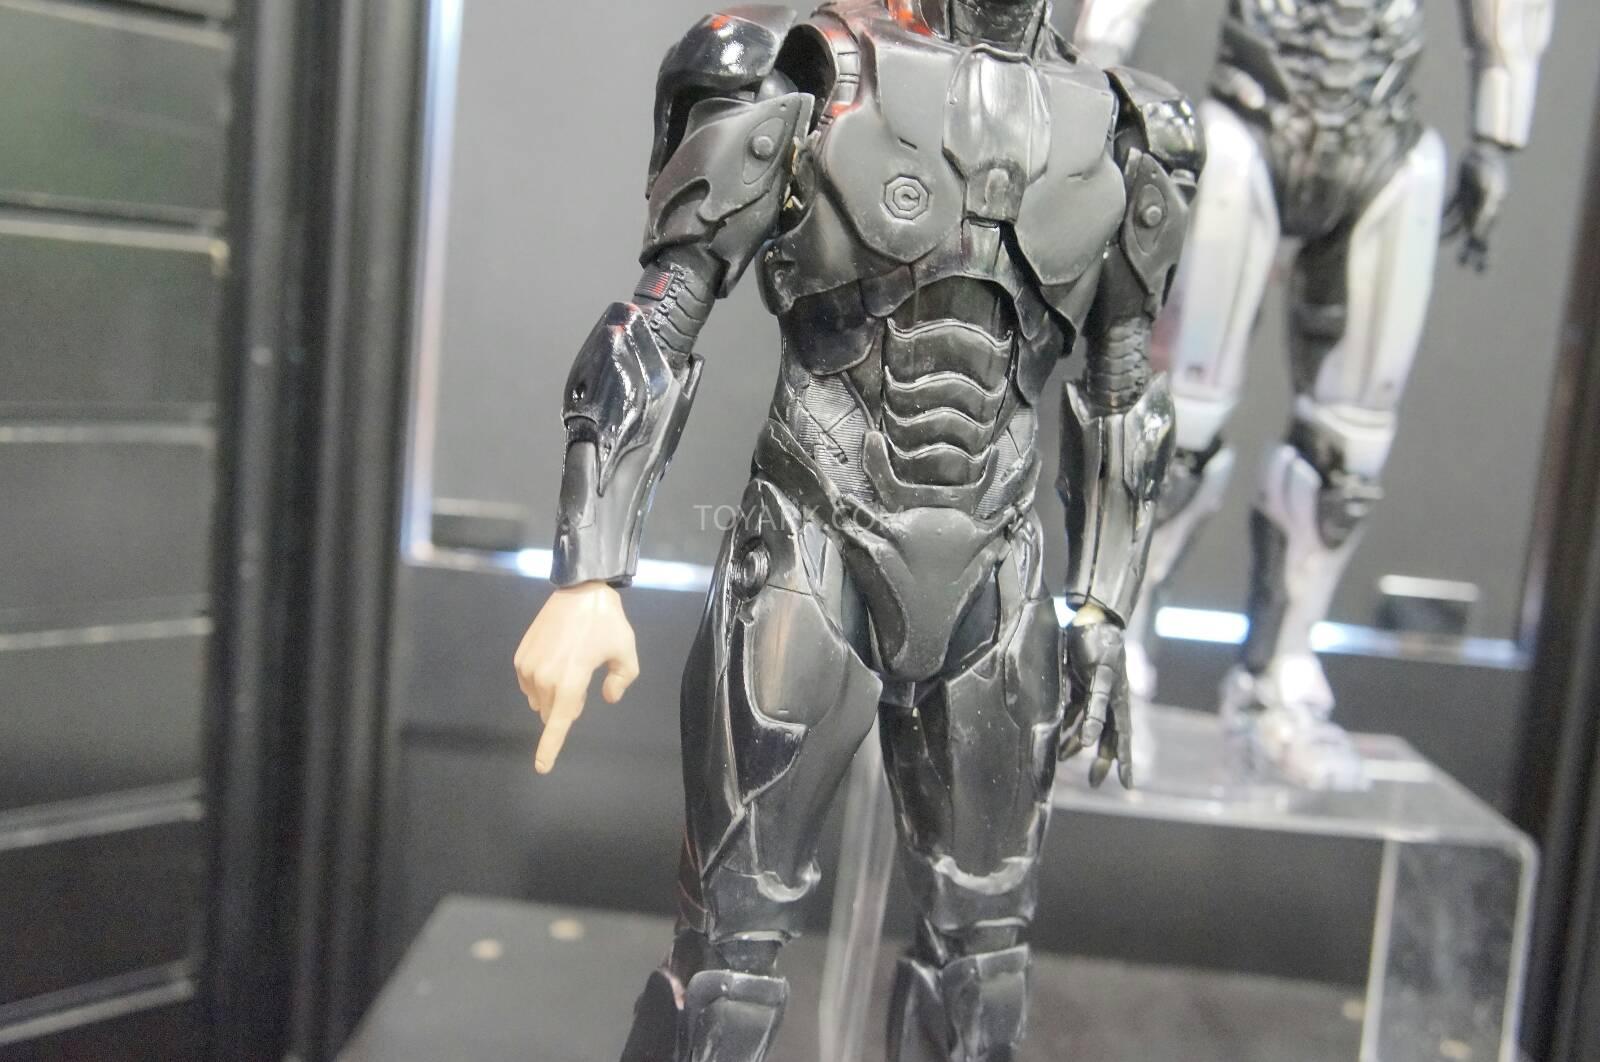 [ThreeZero] Robocop 2014 V3.0 - 1/6 Scale Toy-Fair-2014-ThreeZero-Robocop-007